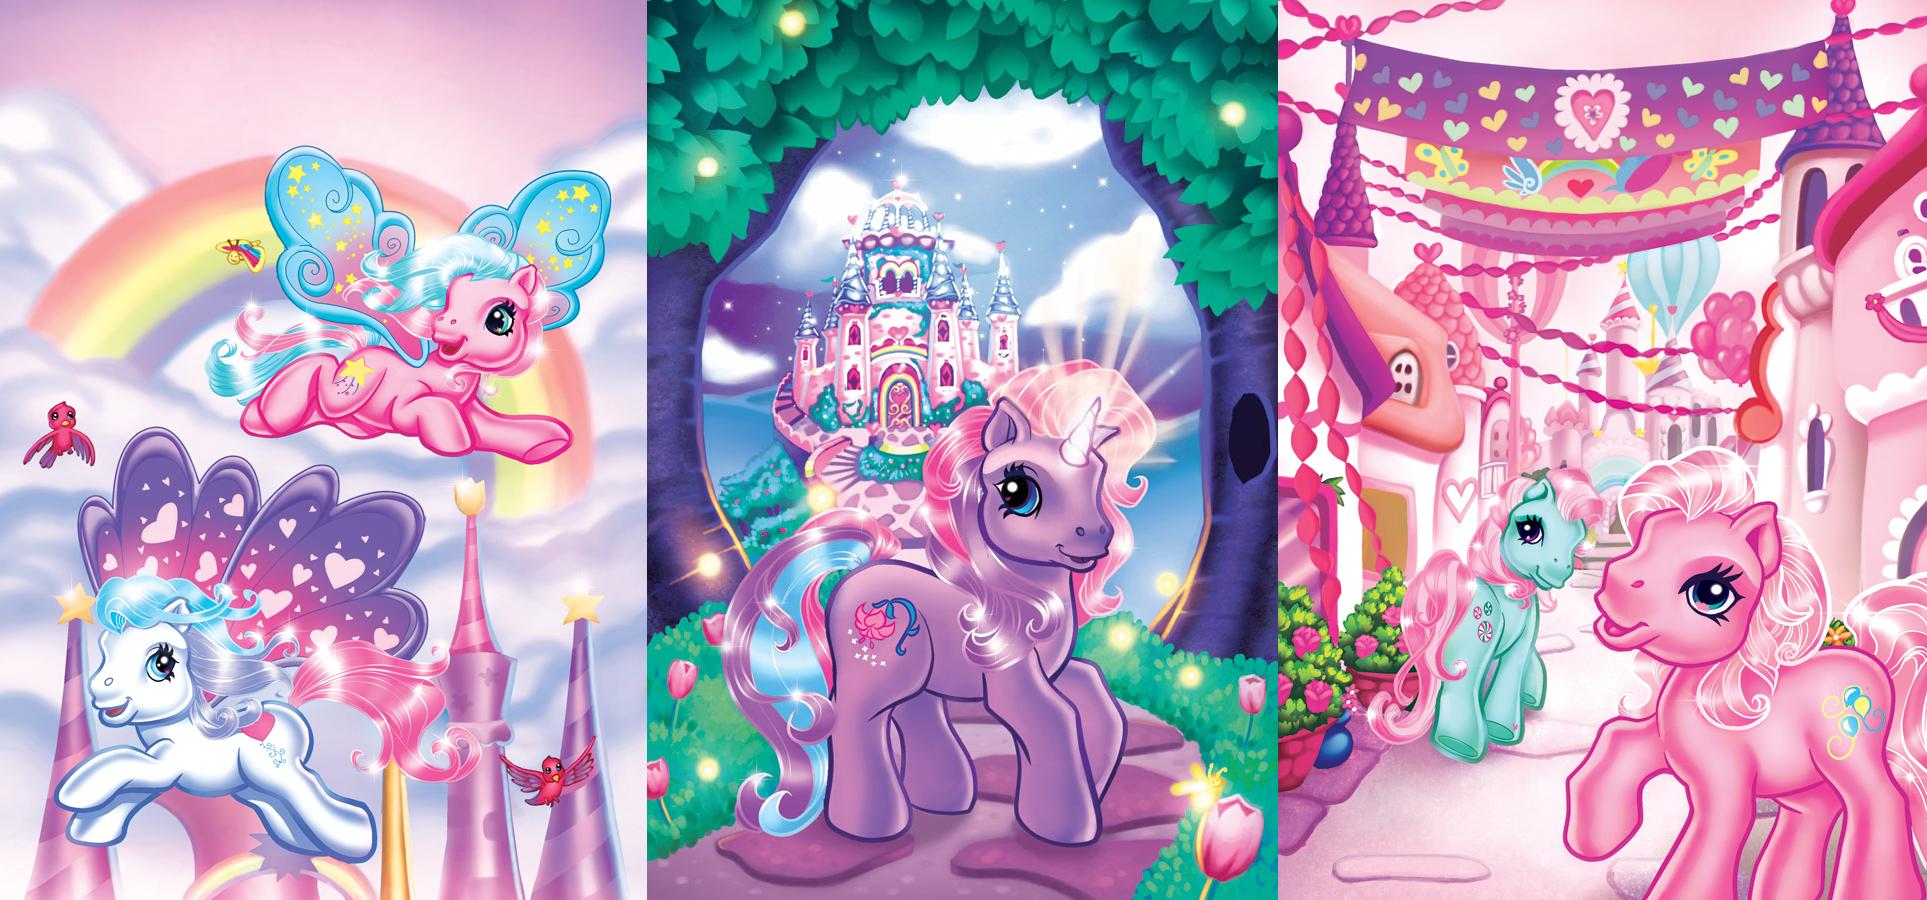 [Obrázek: my_little_pony_dvd_covers_by_Bakanekonei.jpg]